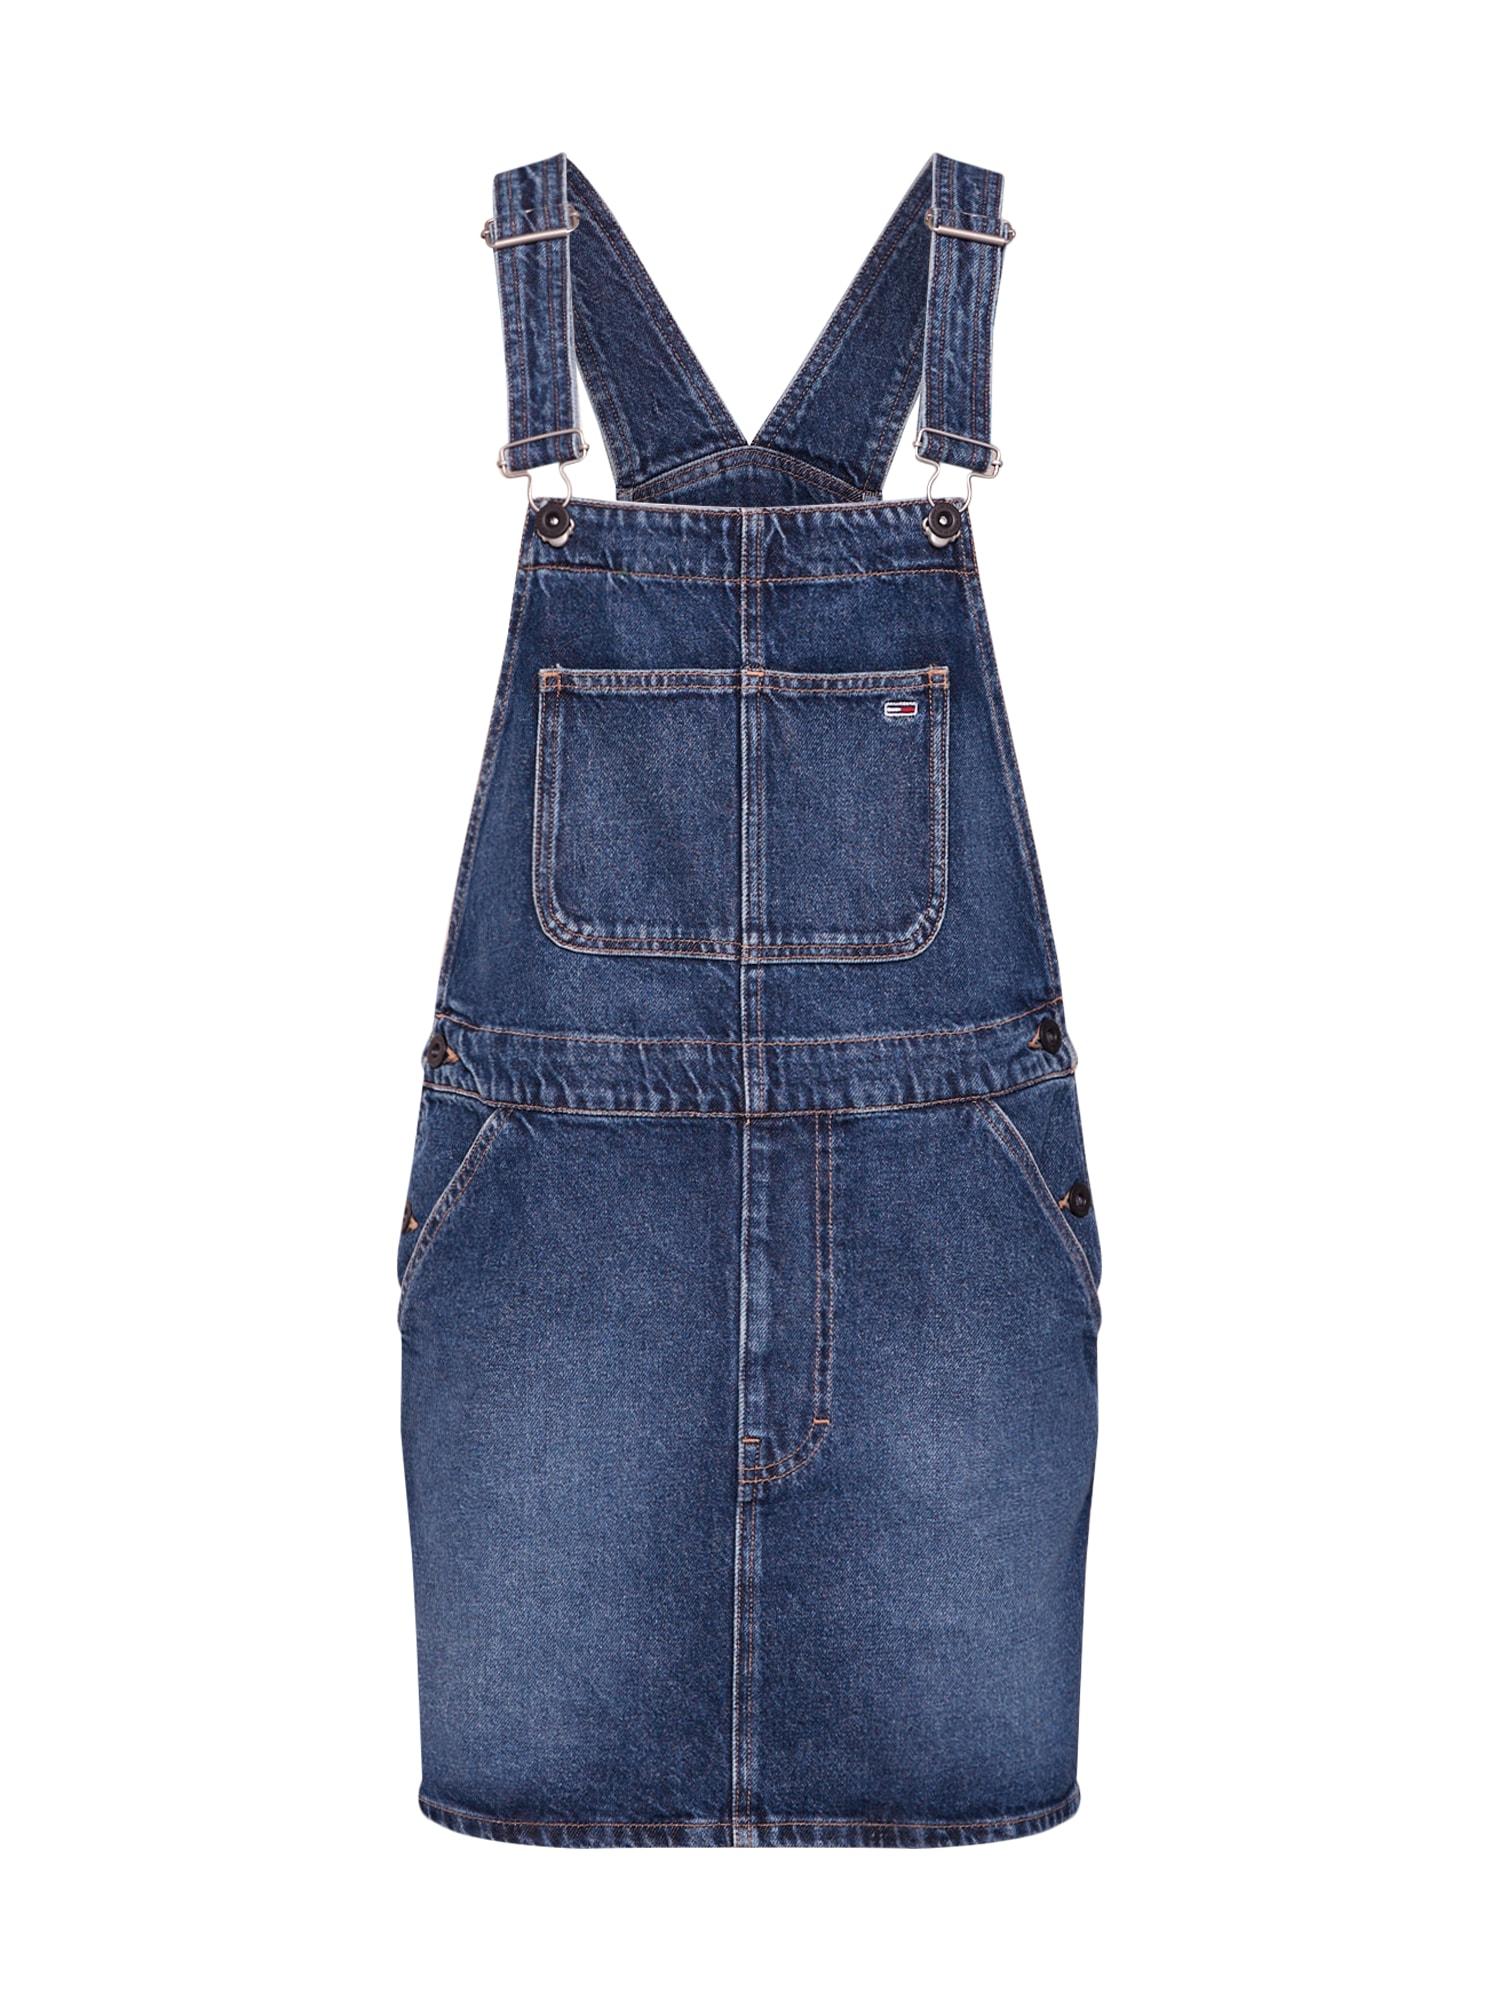 Laclová sukně Dungaree modrá džínovina Tommy Jeans